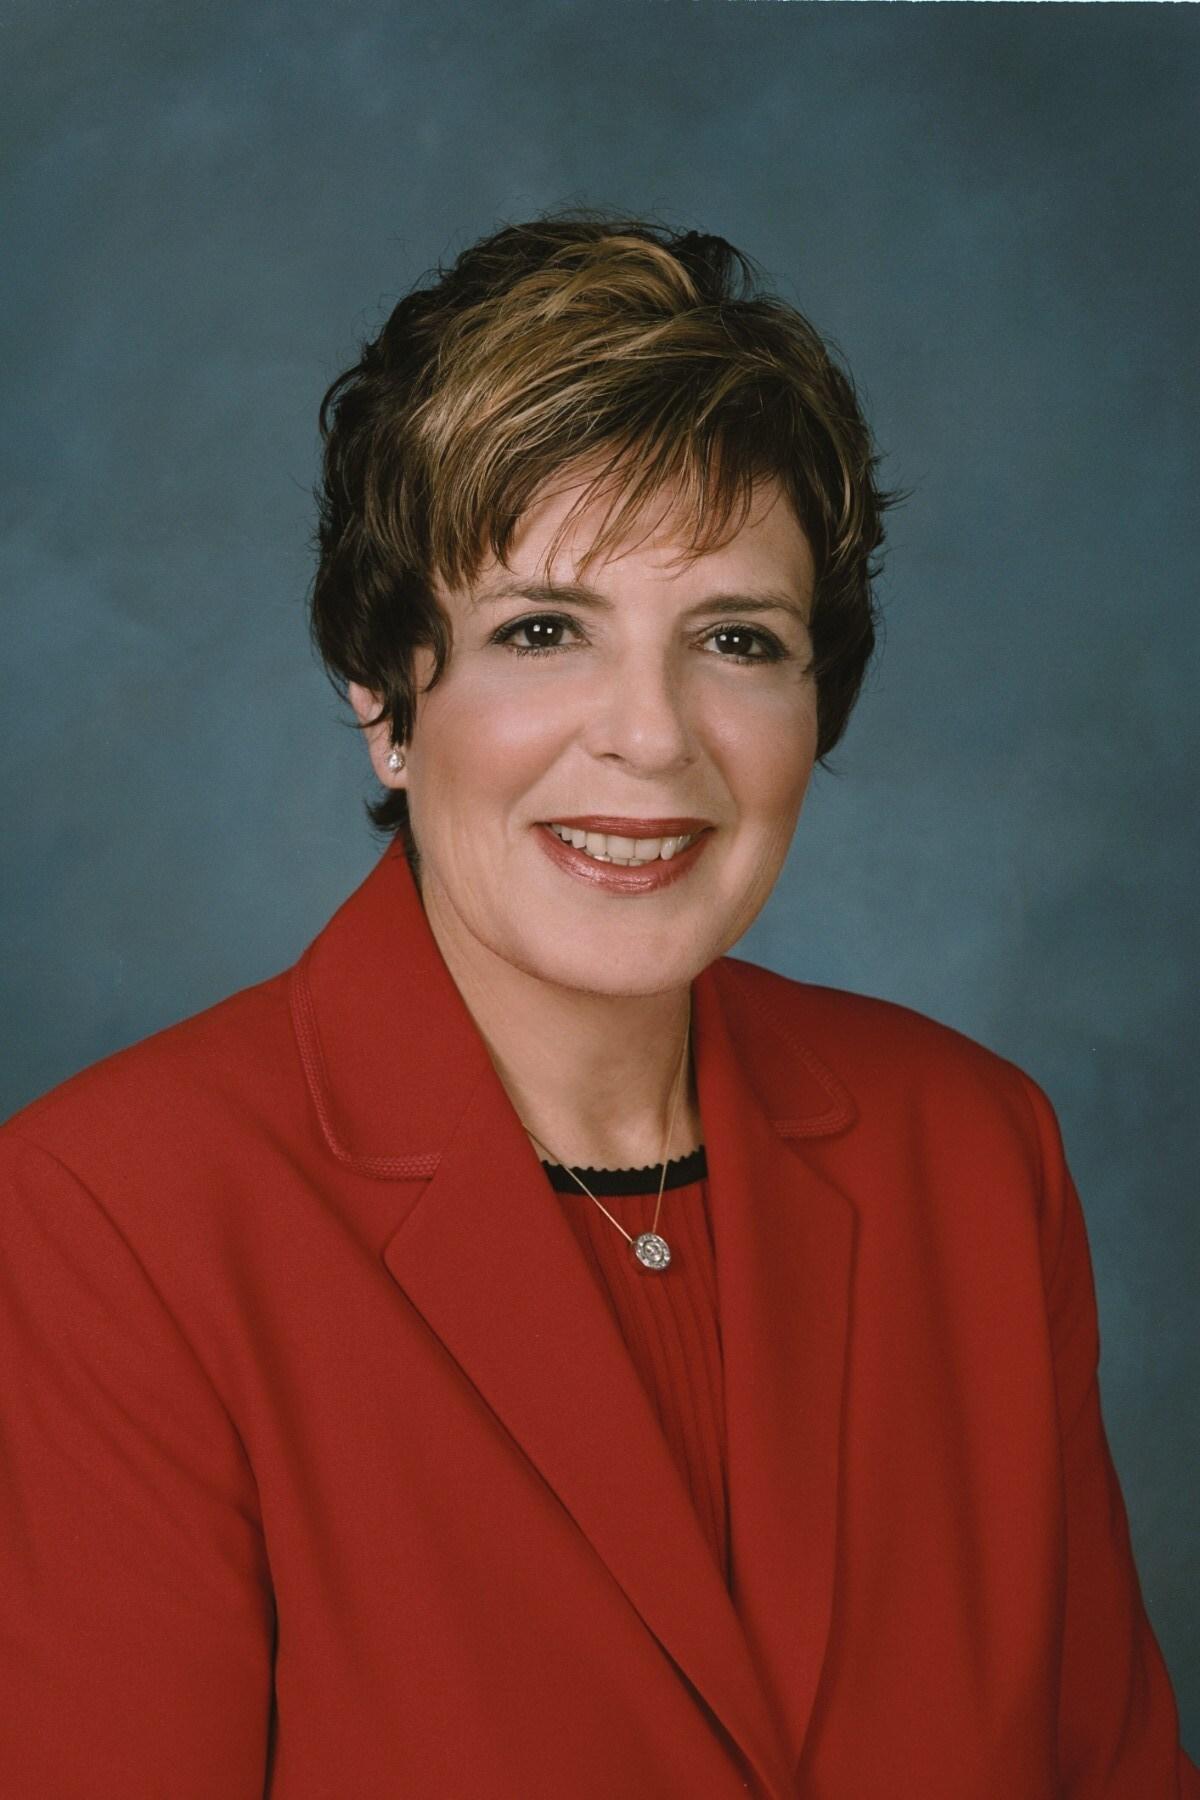 Interim Superintendent Sheri Loewenstein